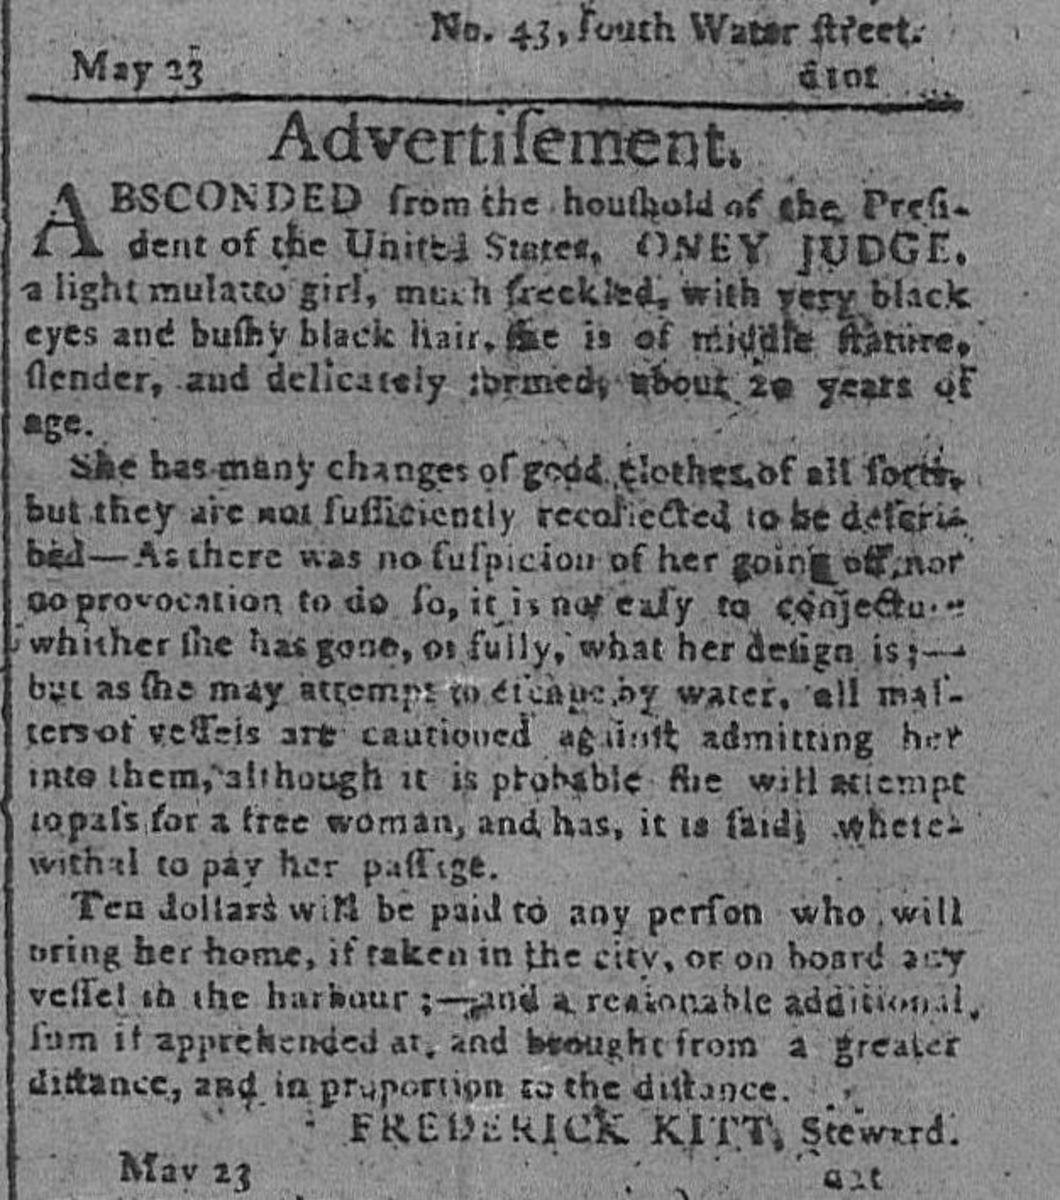 An advertisement seeking Oney Judge's return.